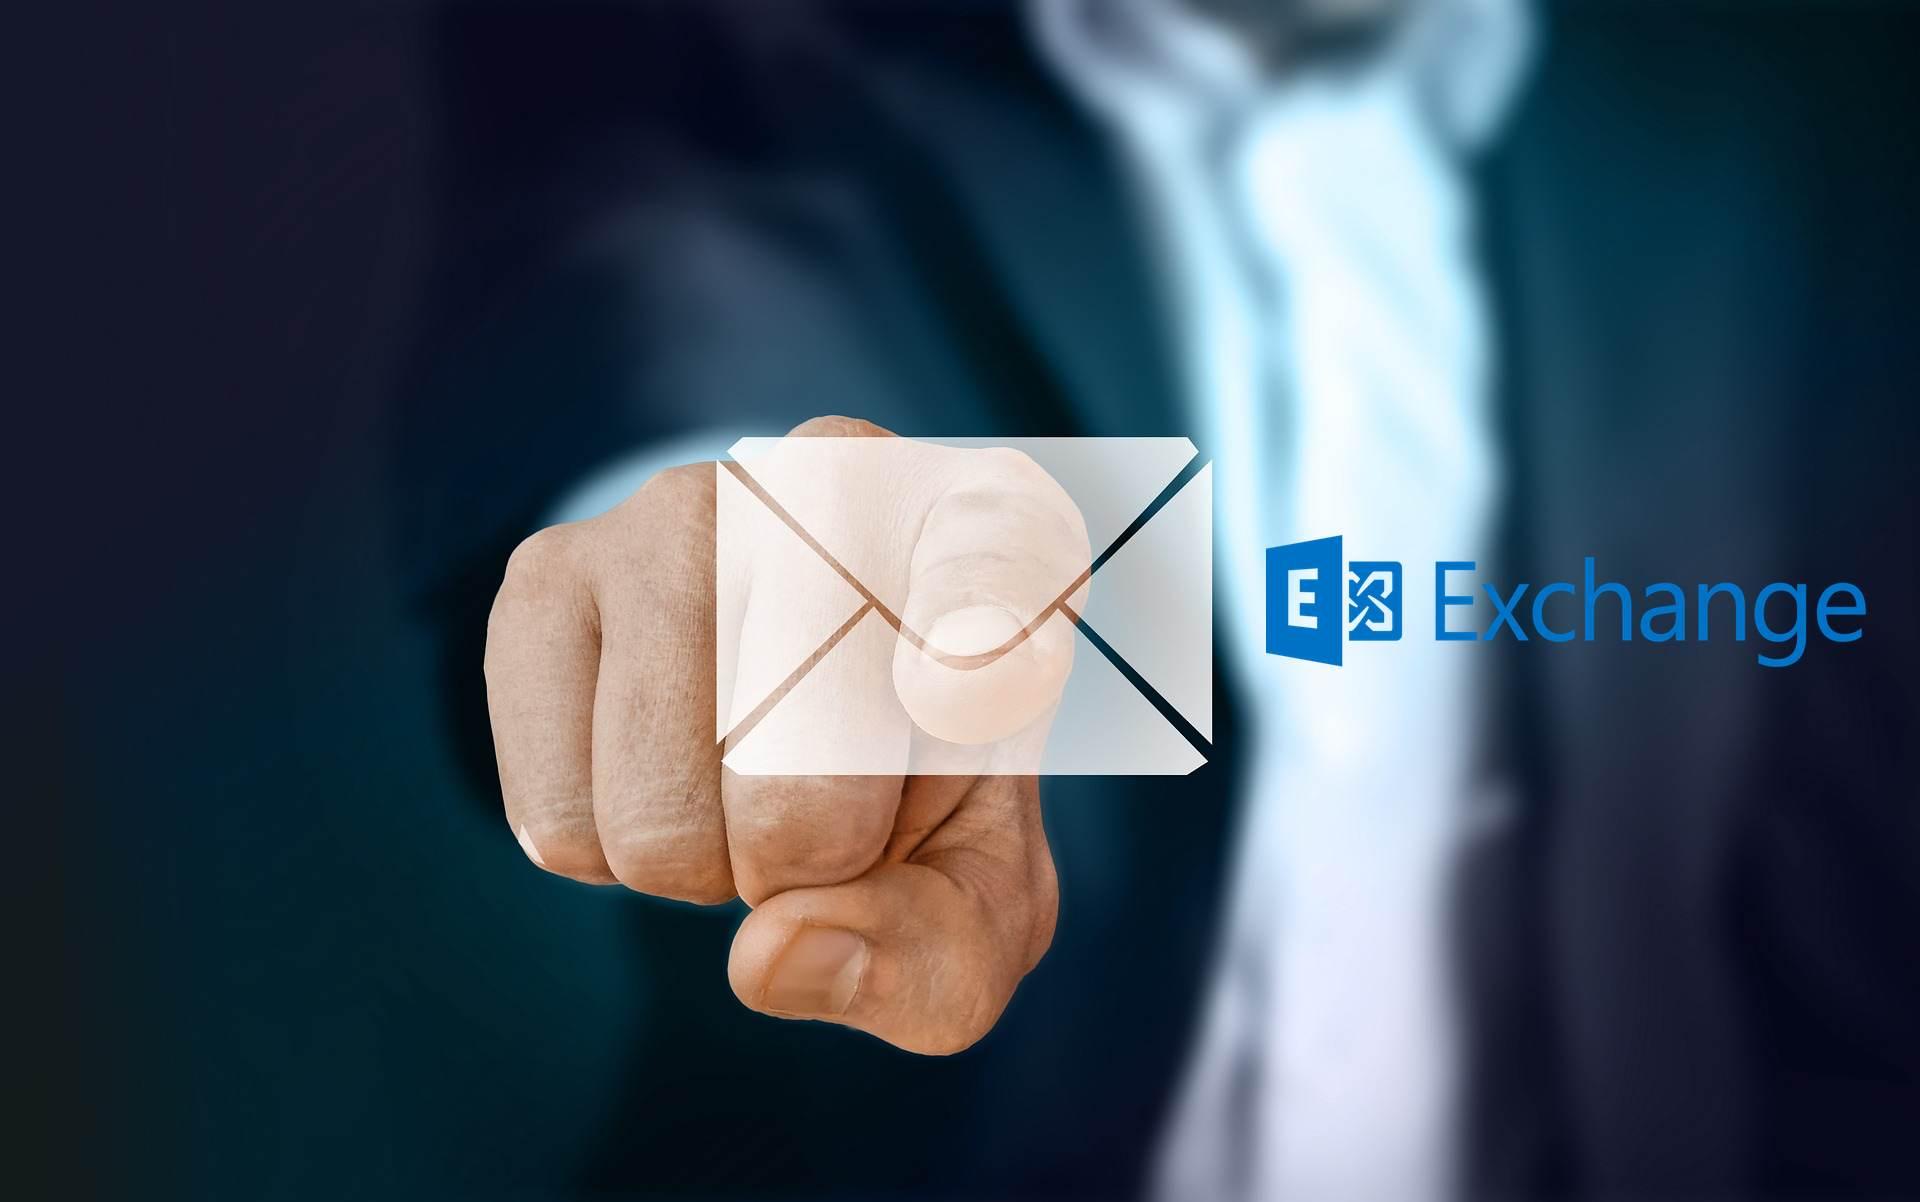 So erhält auch Ihre Vertretung die wichtige E-Mail vom Kunden oder externen Partner